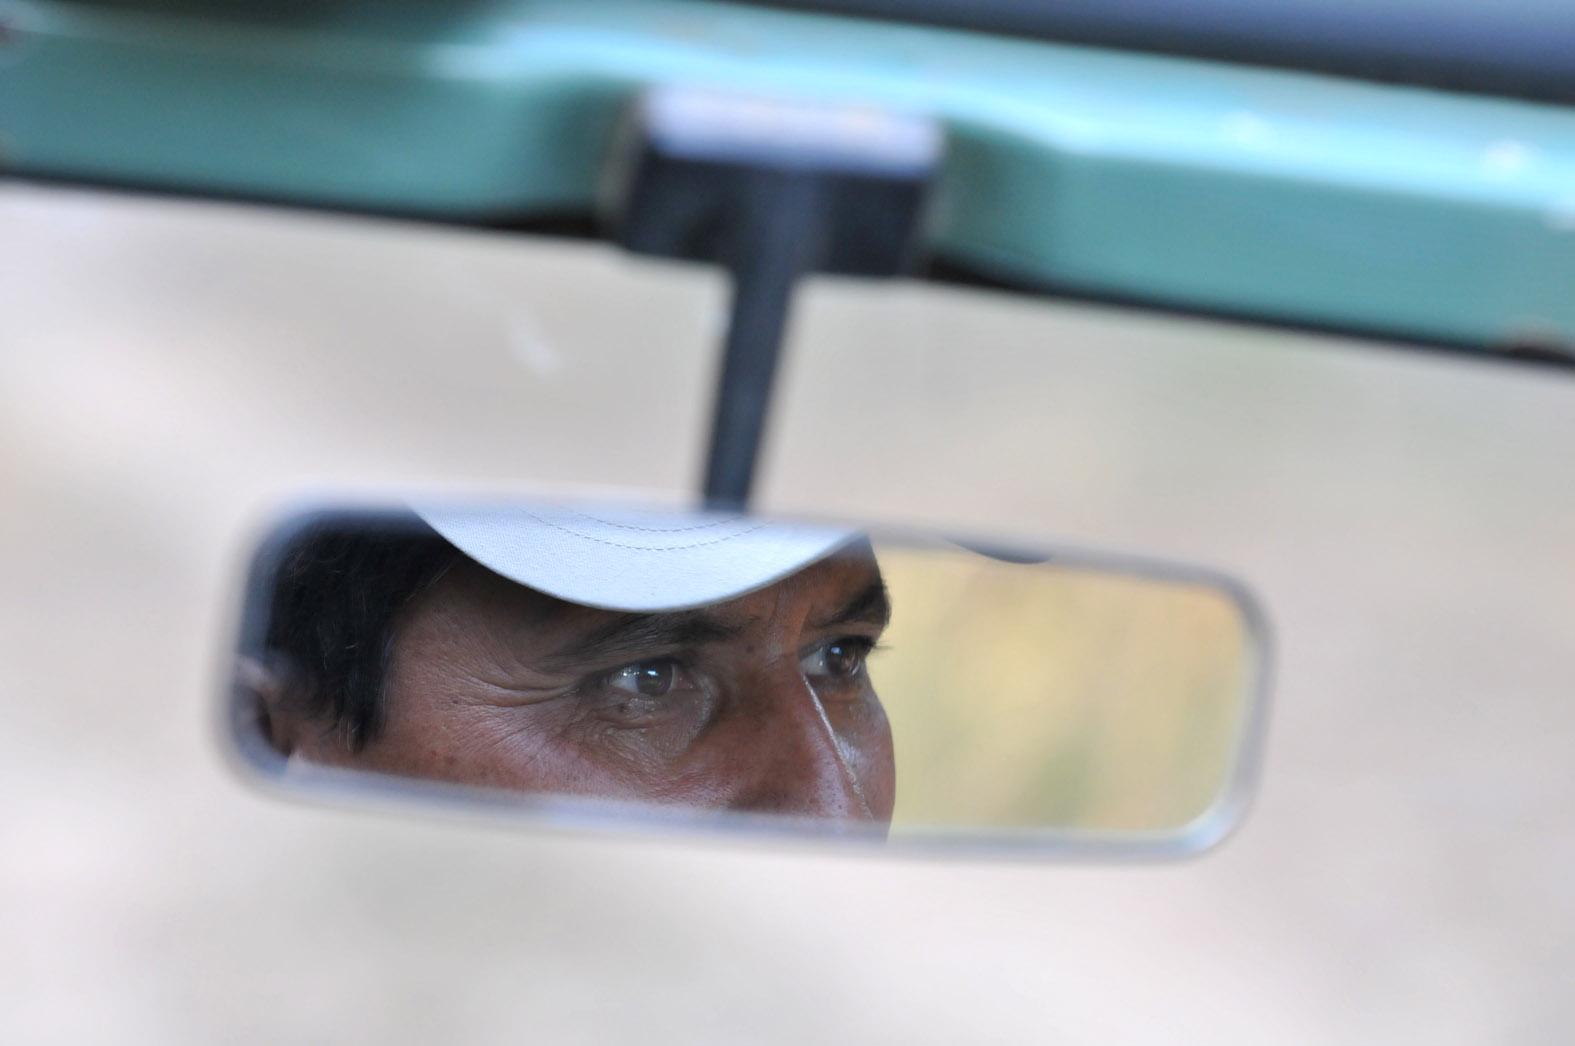 foto van gezicht in autospiegel